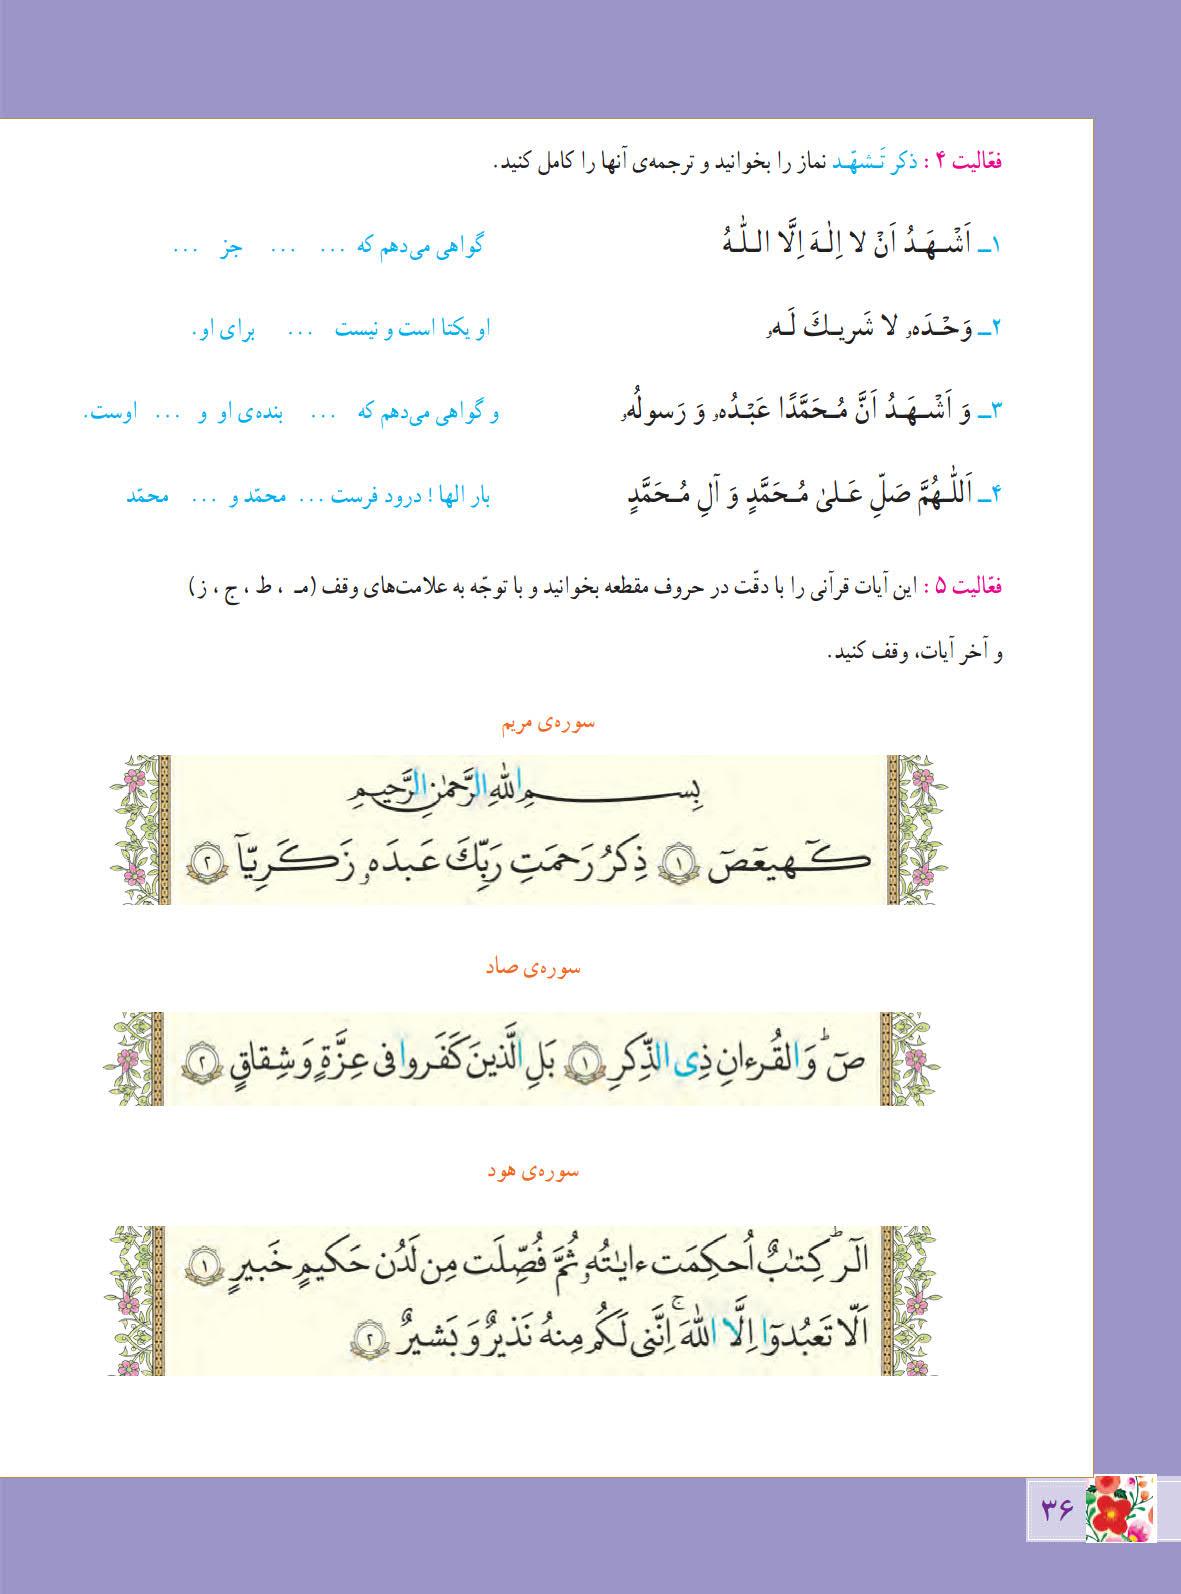 روخوانی و متن و پاسخ یادآوری صفحه 36 درس پنجم آموزش قرآن ششم ابتدایی - کلاس اینترنتی ما - مومکا - momeka.ir (1)